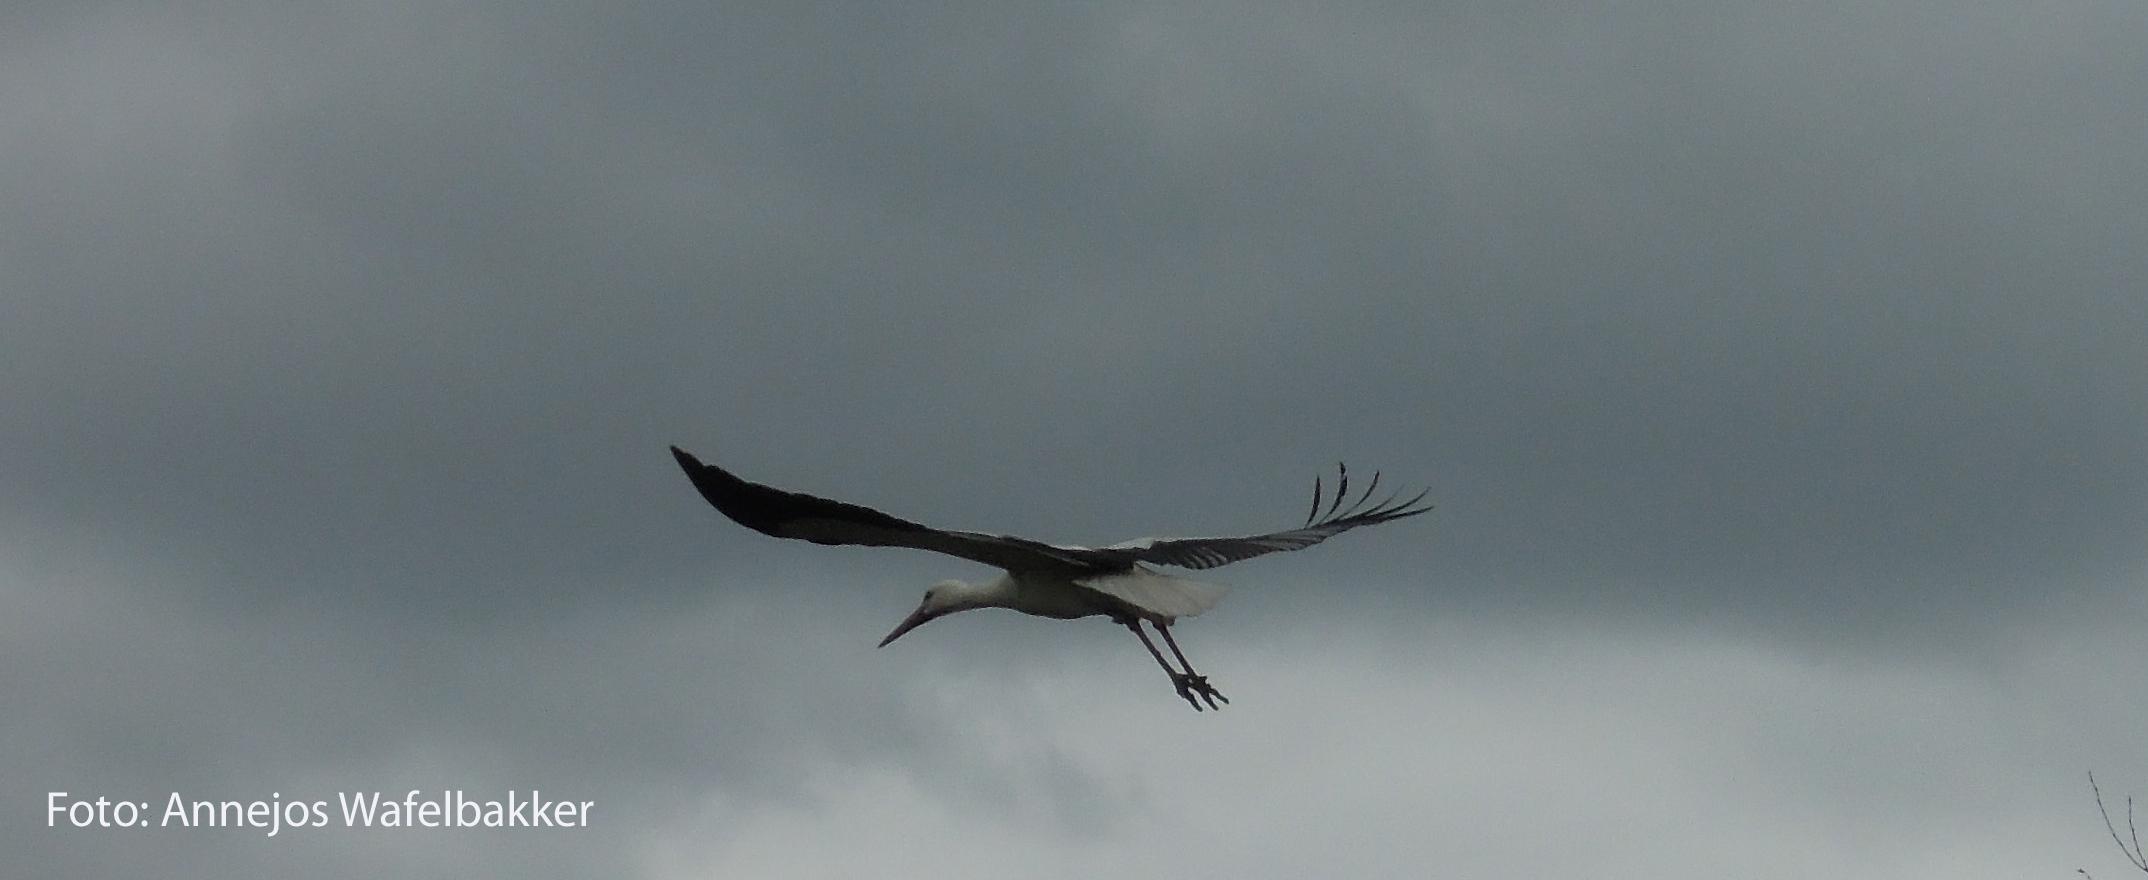 holllander-bronder-grote-grijze-vogel